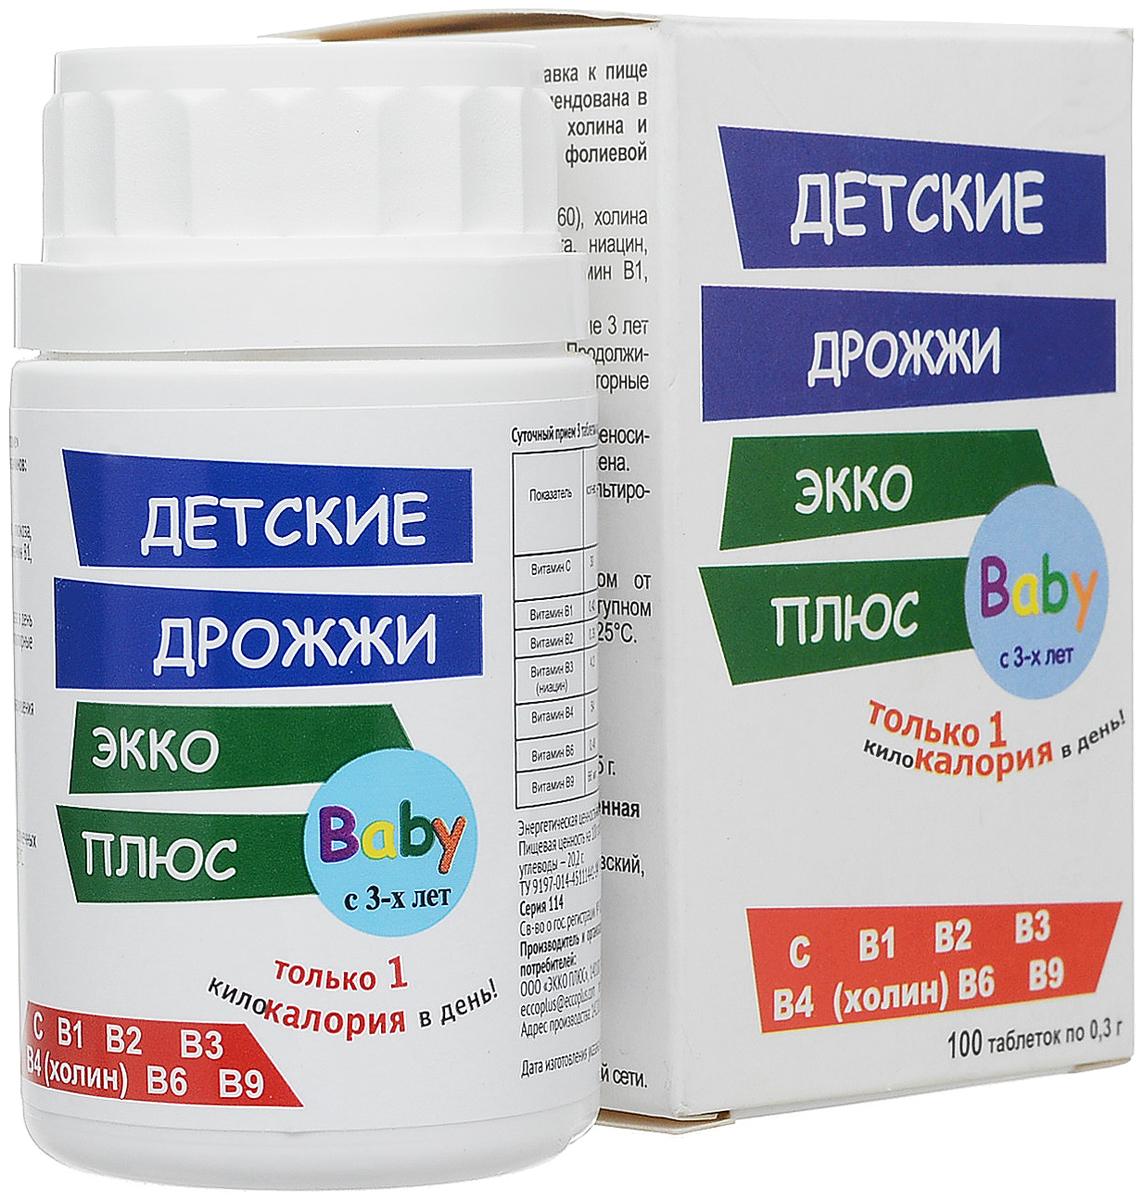 Дрожжи пивные Экко Плюс, детские, 100 таблеток17980Фармакологическое действие - восполняющее дефицит группы B, гипохолестеринемическое, гиполипидемическое. B-гиповитаминоз, анемия, полиневрит, невралгия, сахарный диабет, дерматоз, фурункулез, зуд, экзема, псориаз, прыщи, угревая сыпь.Пивные дрожжи как источник витаминов группы В направлены на стимулирование обмена веществ в период роста и развития детского организма, на повышение умственной и физической активности ребенка. Ниацин и фолиевая кислота крайне важны для производства энергии и нормальной мышечной деятельности у детей, незаменимы для устойчивости формирующейся нервной системы. Под воздействием холина нормализуется масса тела и жировой обмен в организме, улучшается мозговая деятельность и общее состояние нервной системы ребенка. Витамин С - природный антиоксидант, способствует усвоению витаминов группы В, повышению сопротивляемости организма в период простудных заболеваний, стимулирует иммунный статус организма.Применение:Детям 3-7 лет - 0.25 г 2 раза в сутки, 7-12 лет - 0.5 г 2 раза в сутки после еды. Курс - 30 дней.Сфера применения:Витаминология;Витамины группы В.Товар сертифицирован.